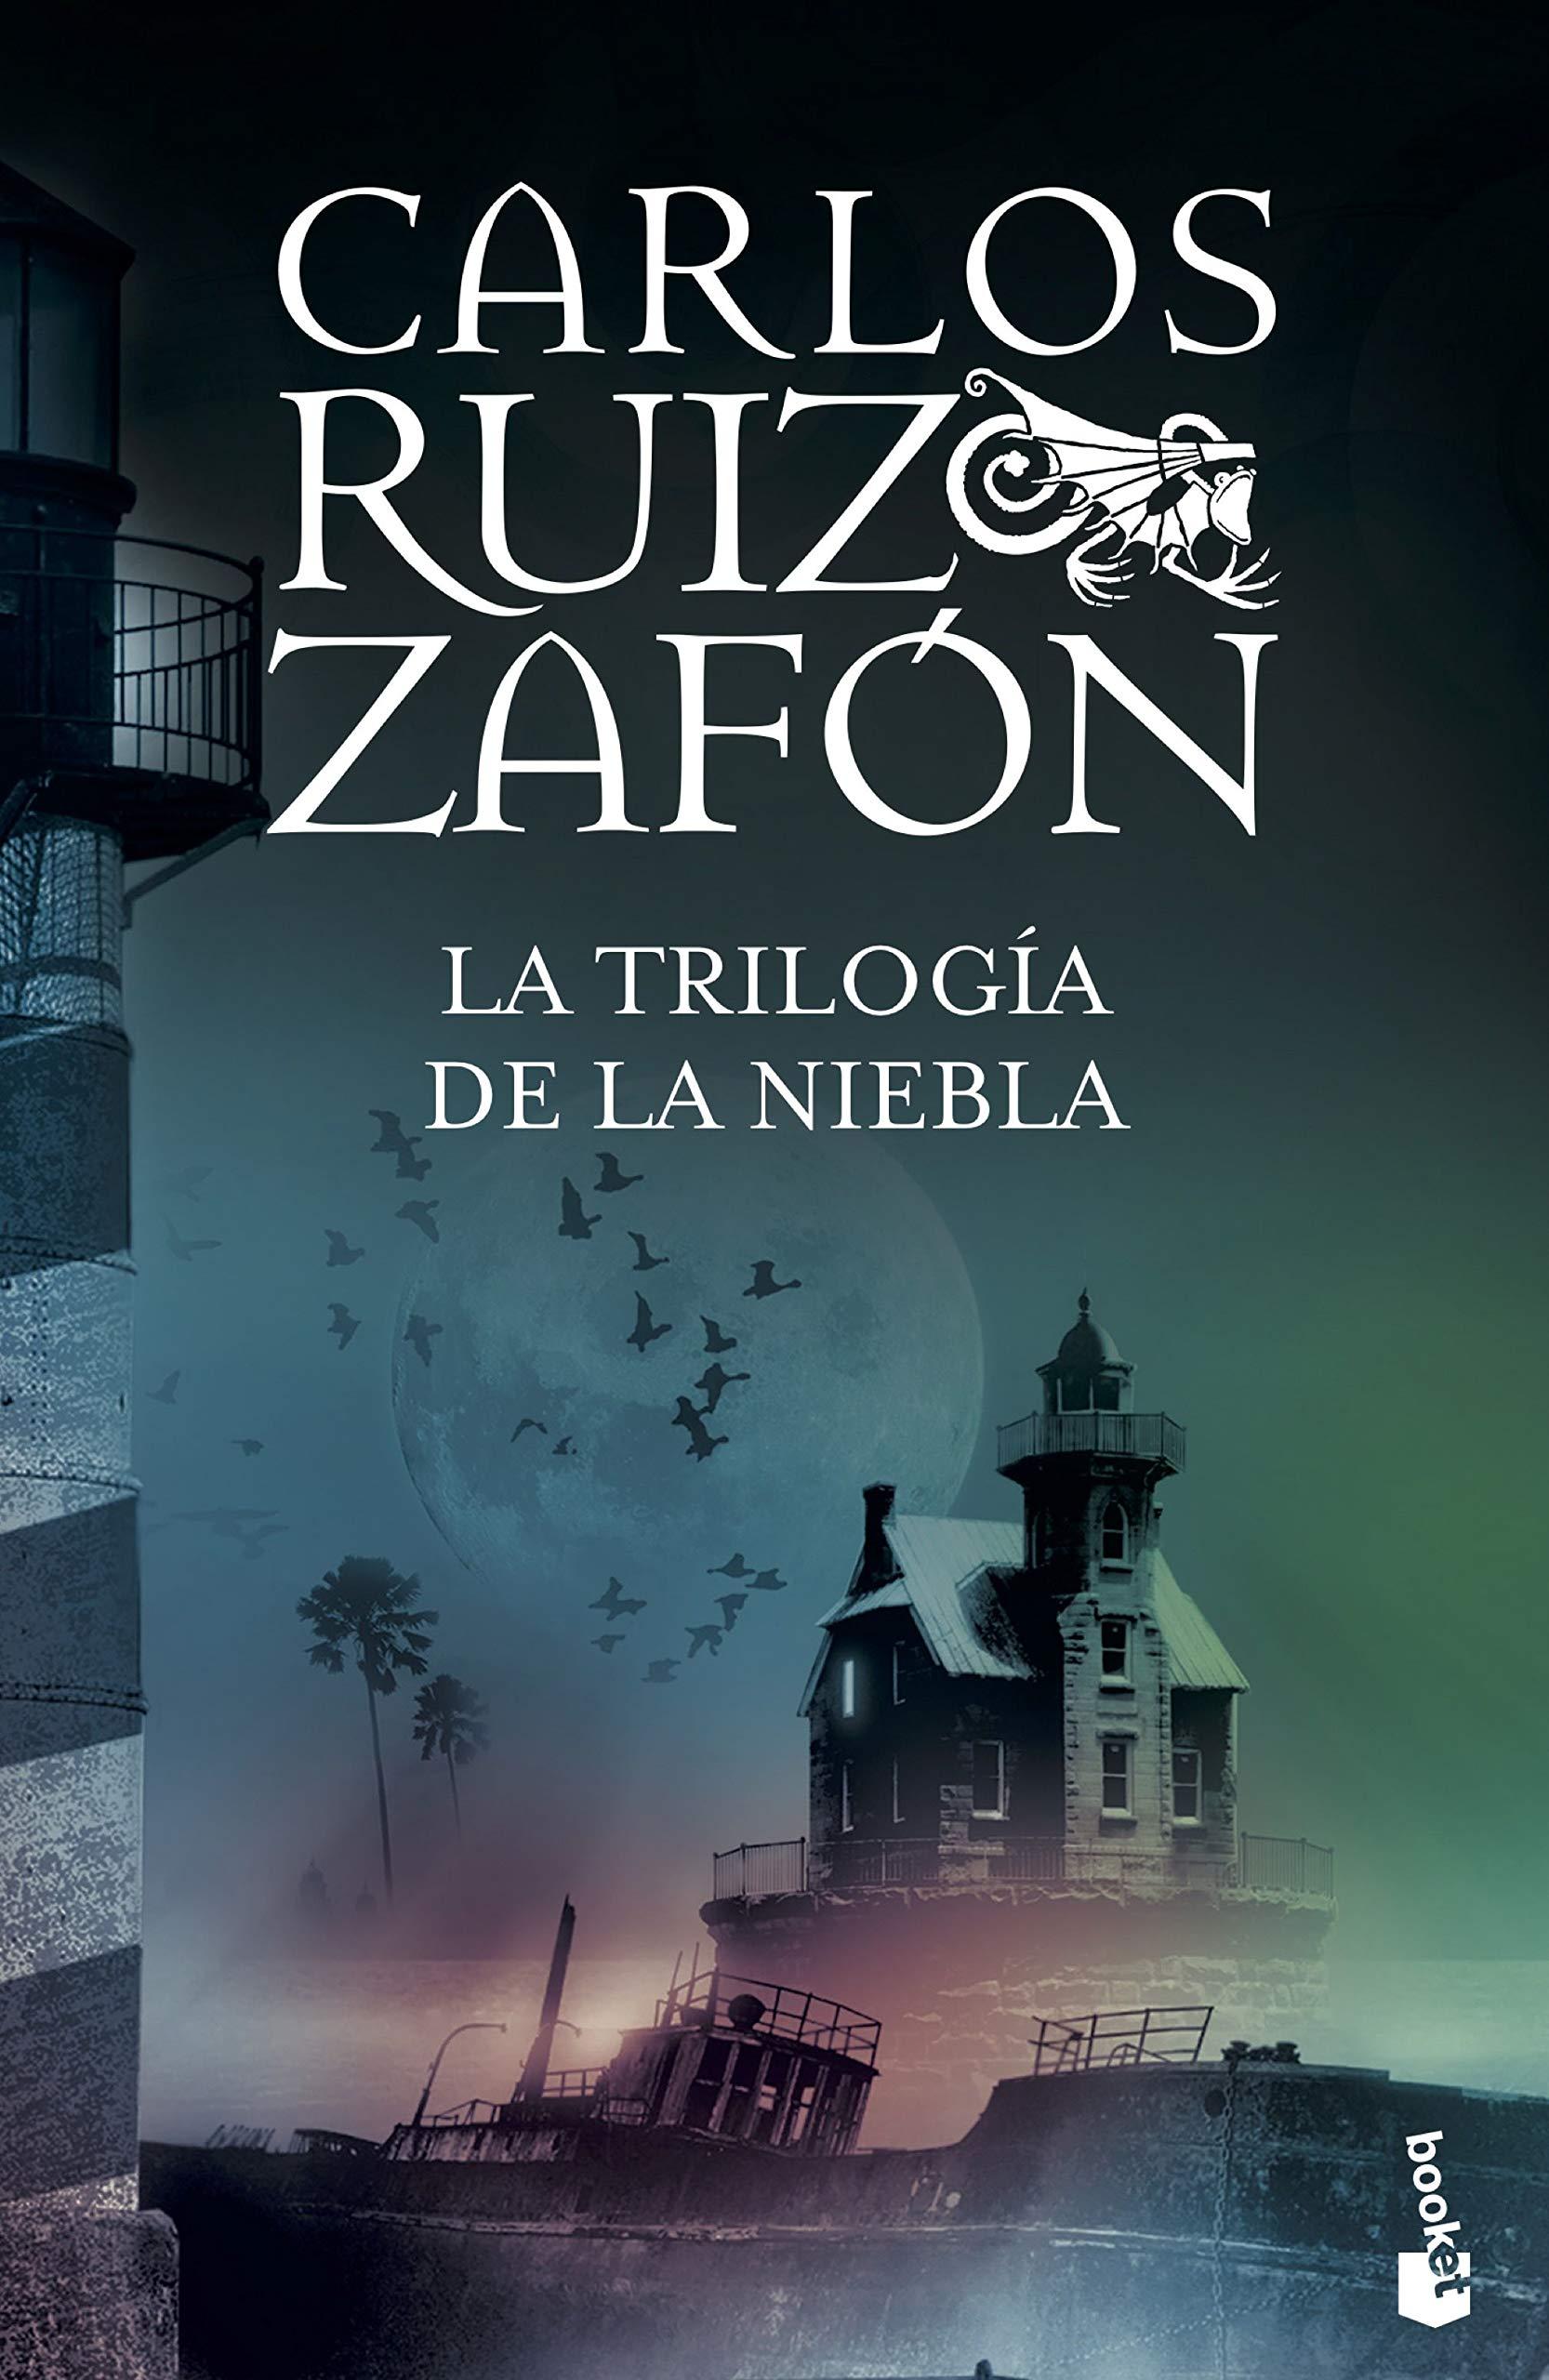 La Trilogía De La Niebla Biblioteca Carlos Ruiz Zafón Spanish Edition Ruiz Zafón Carlos 9788408176503 Books